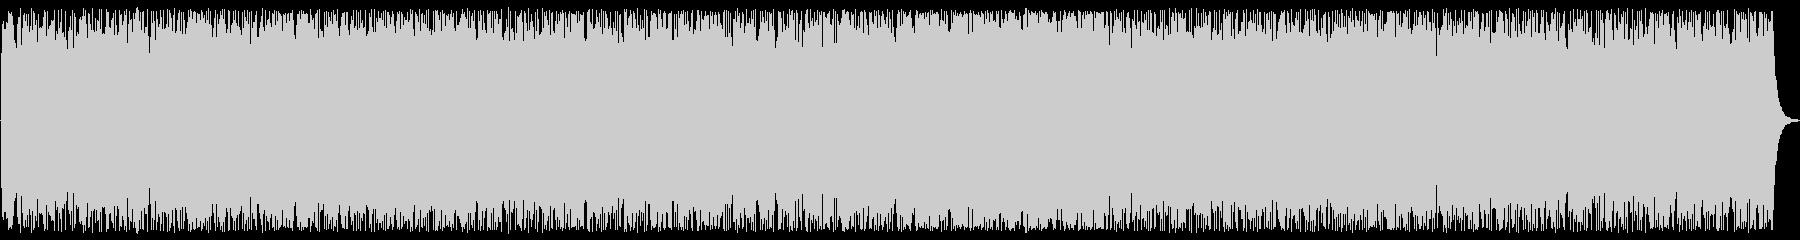 重厚なトライアングルとシンセサイザーの曲の未再生の波形